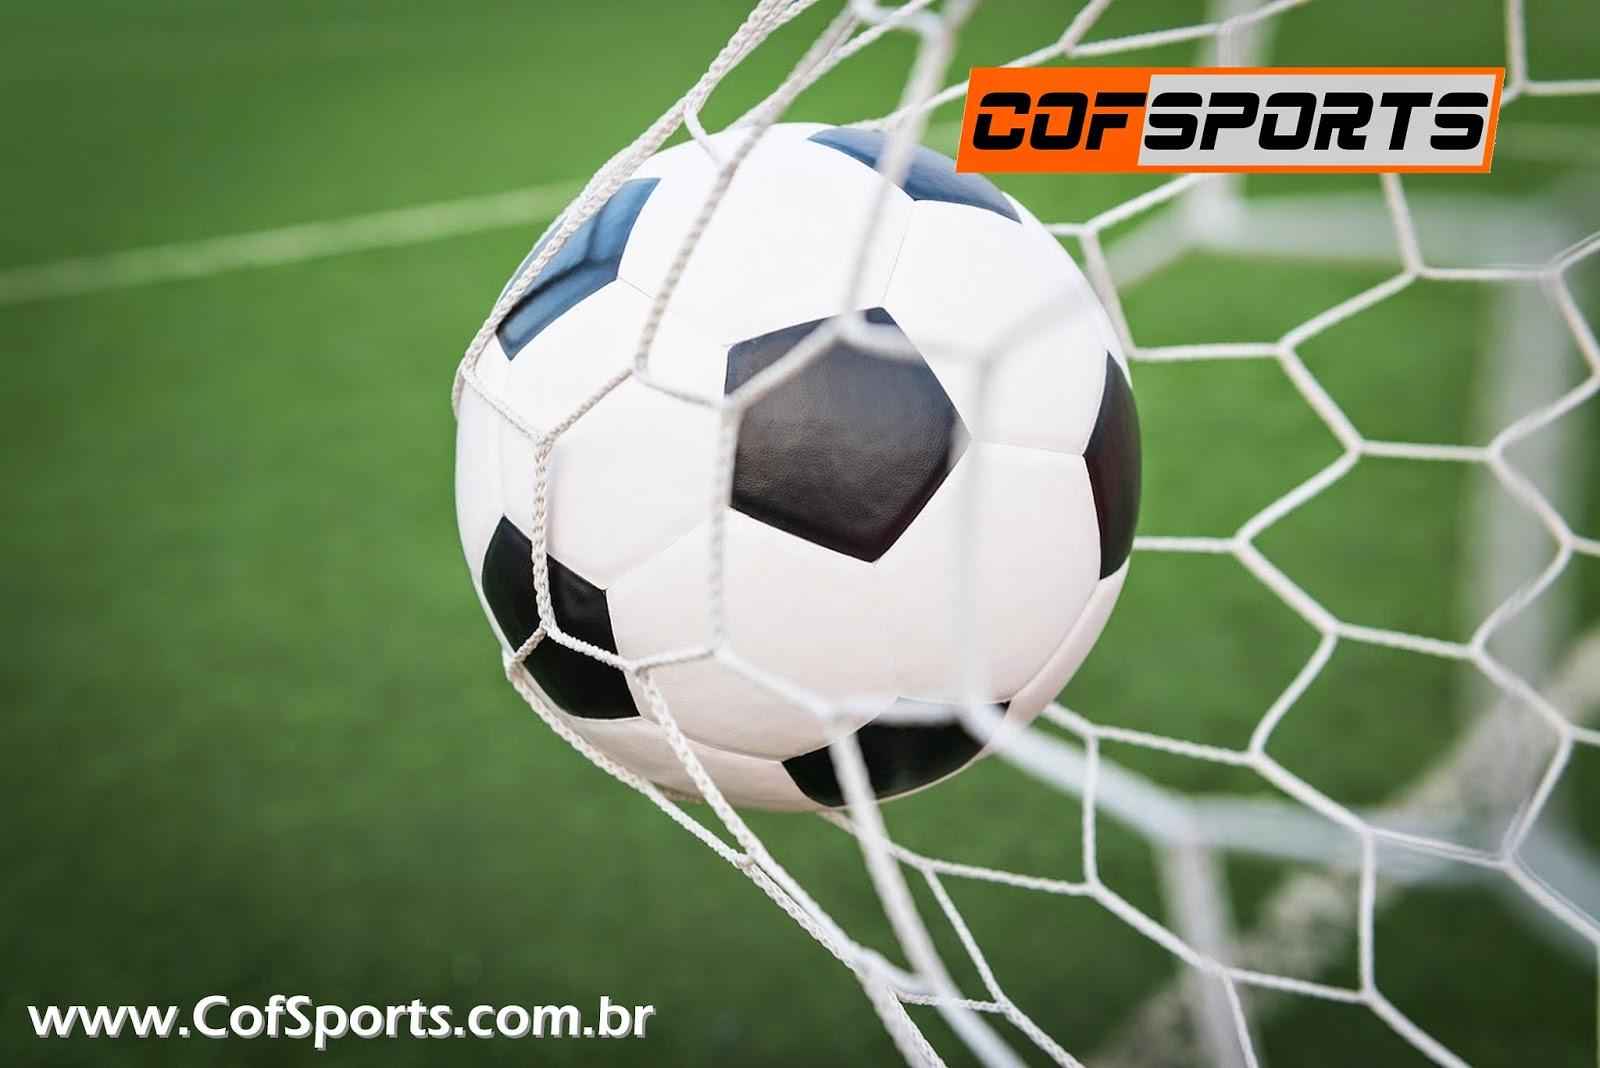 Escola de futebol e preparação física de profissionais de alto nível, centros de treinamento para habilitação e preparação física em Curitiba. A COF Sports possui um time de verdadeiros profissionais e o ambiente saudável para a prática esportiva